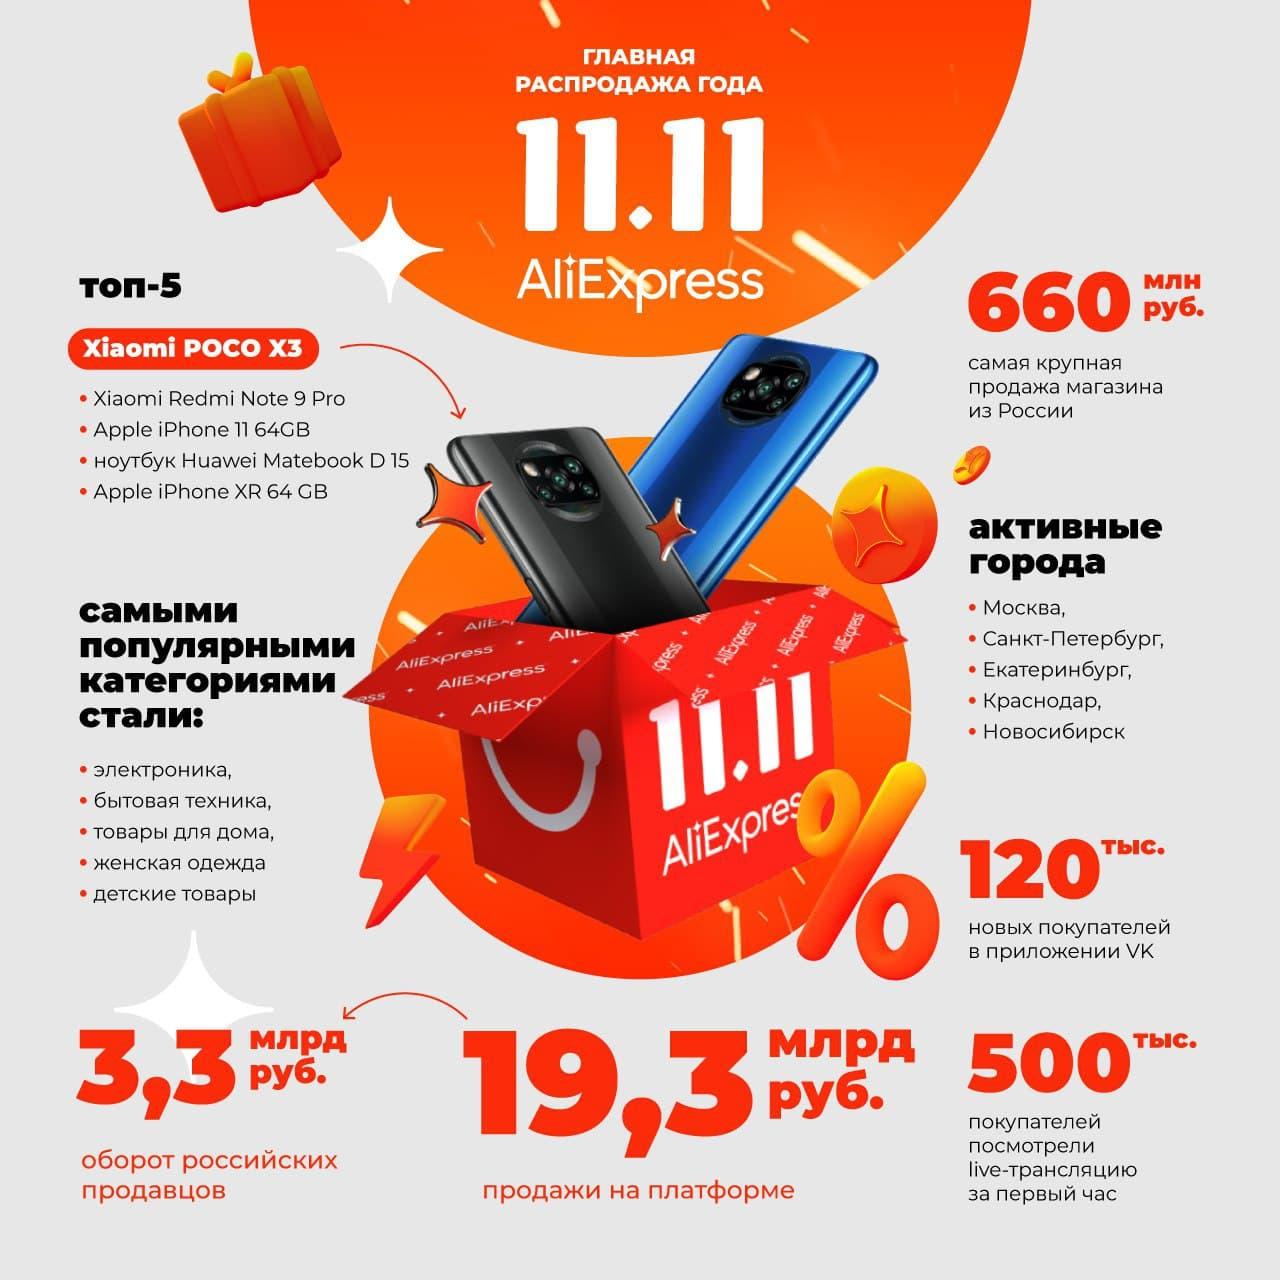 AliExpress Россия опубликовала итоги главной распродажи 11.11